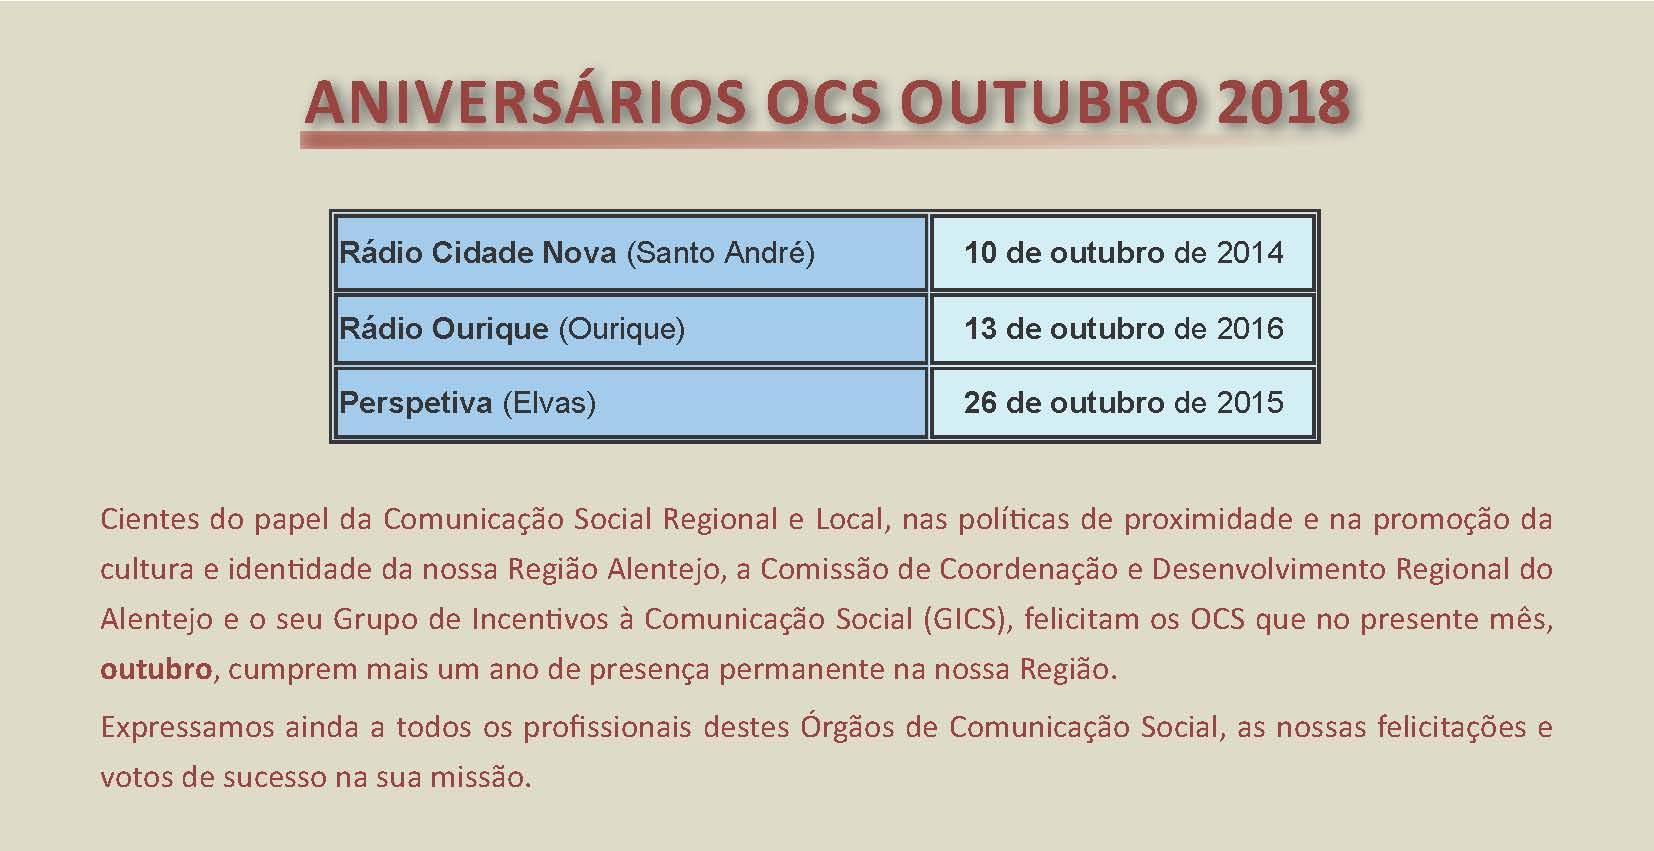 Aniversário em setembro de 2018 OCS da Região Alentejo